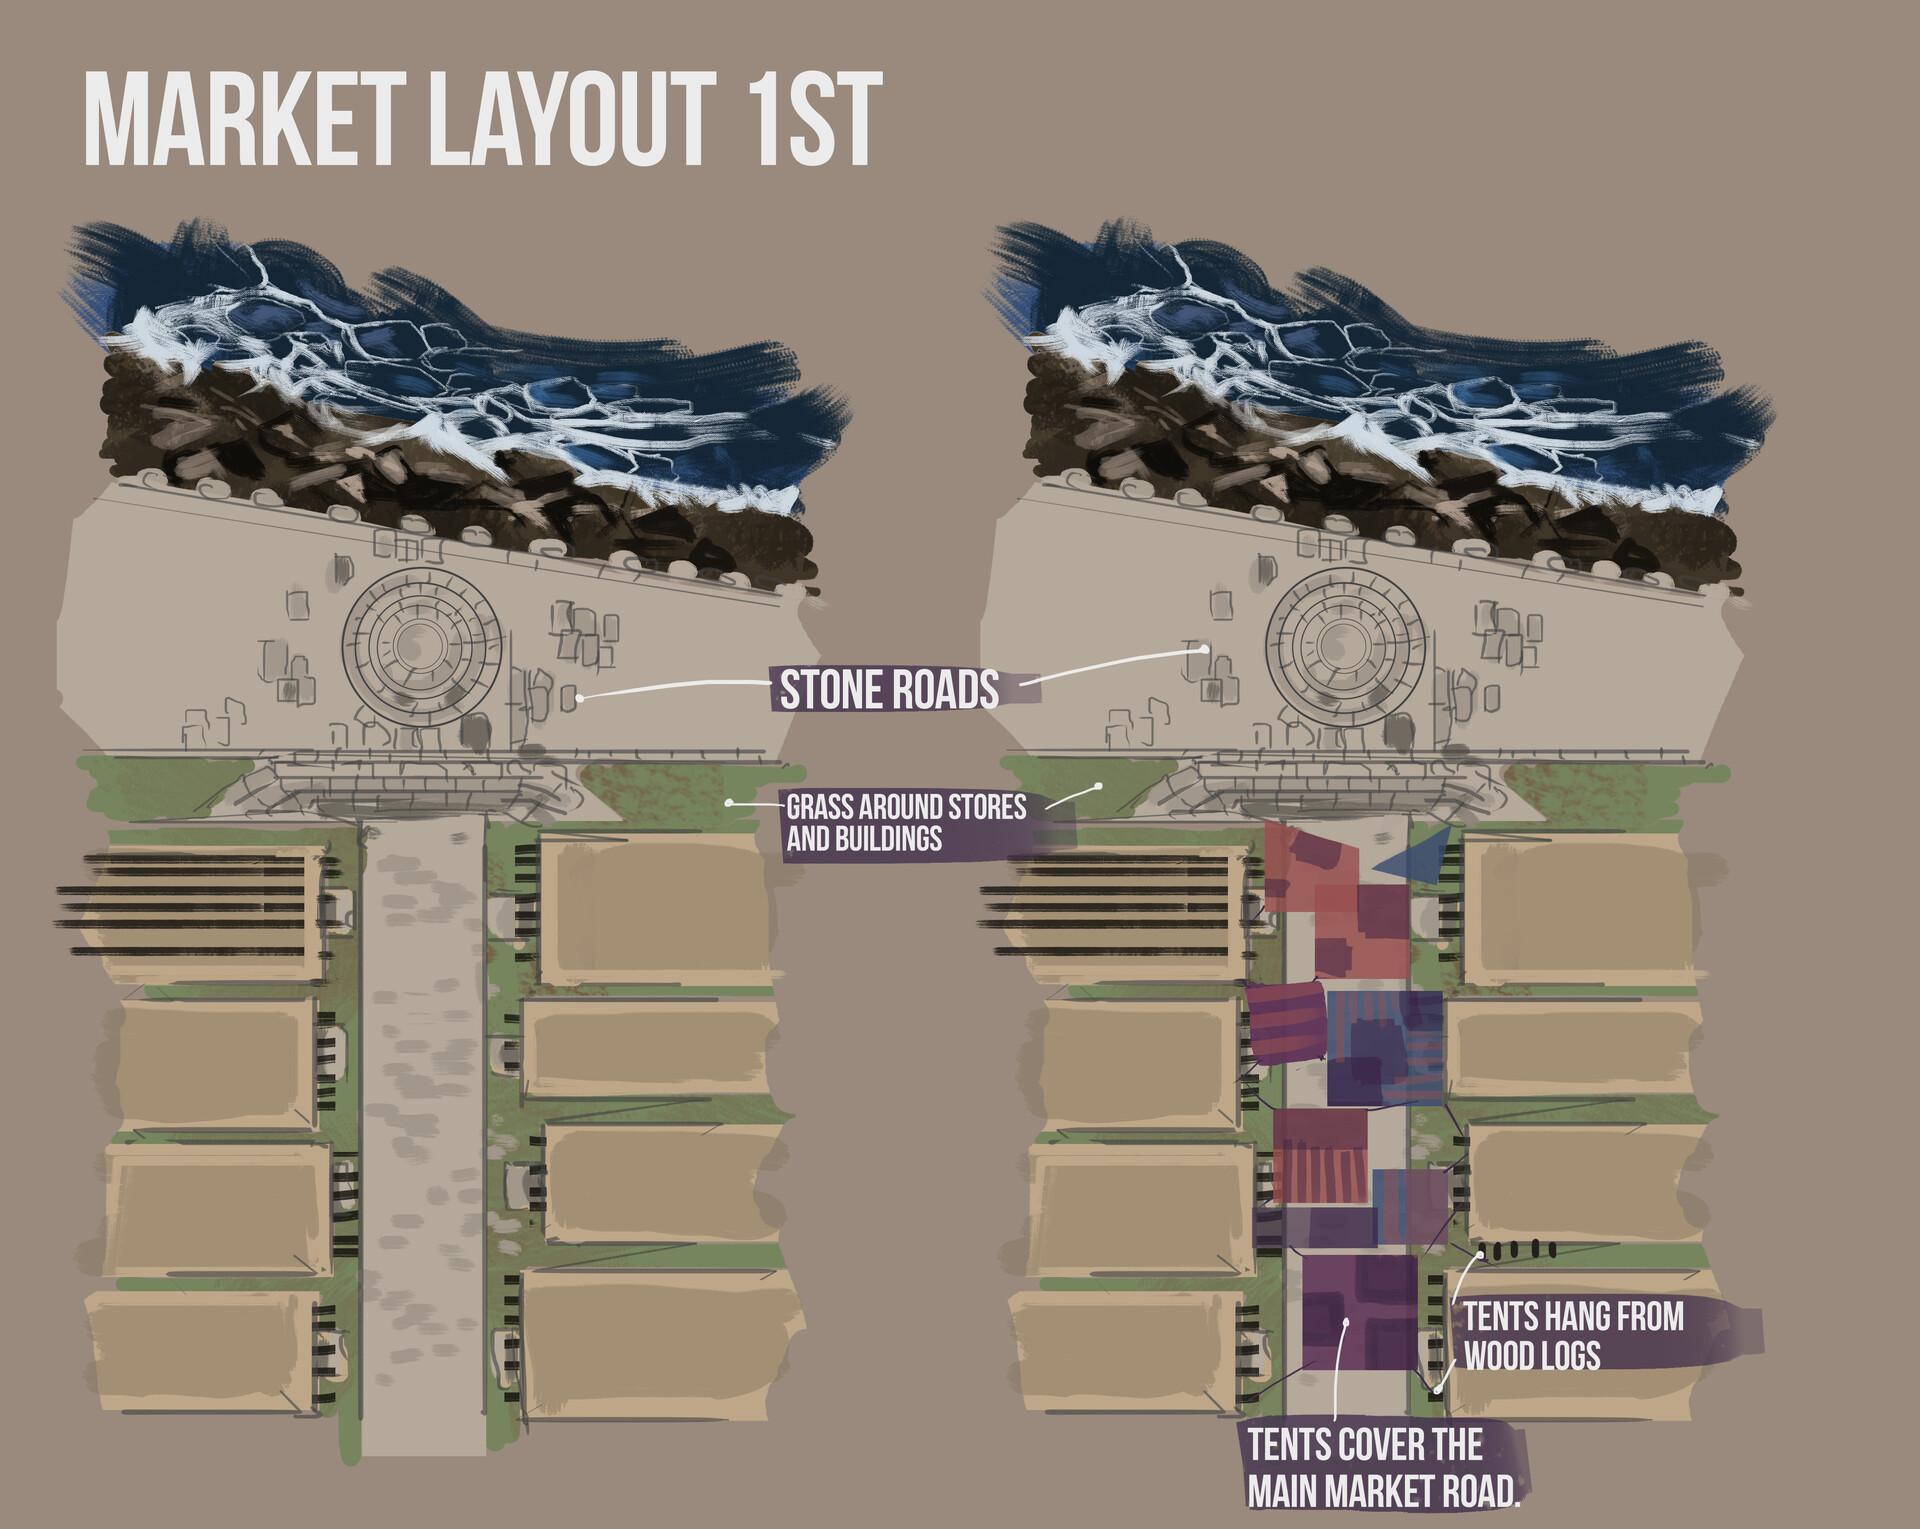 Ernesto sin market layout 1st